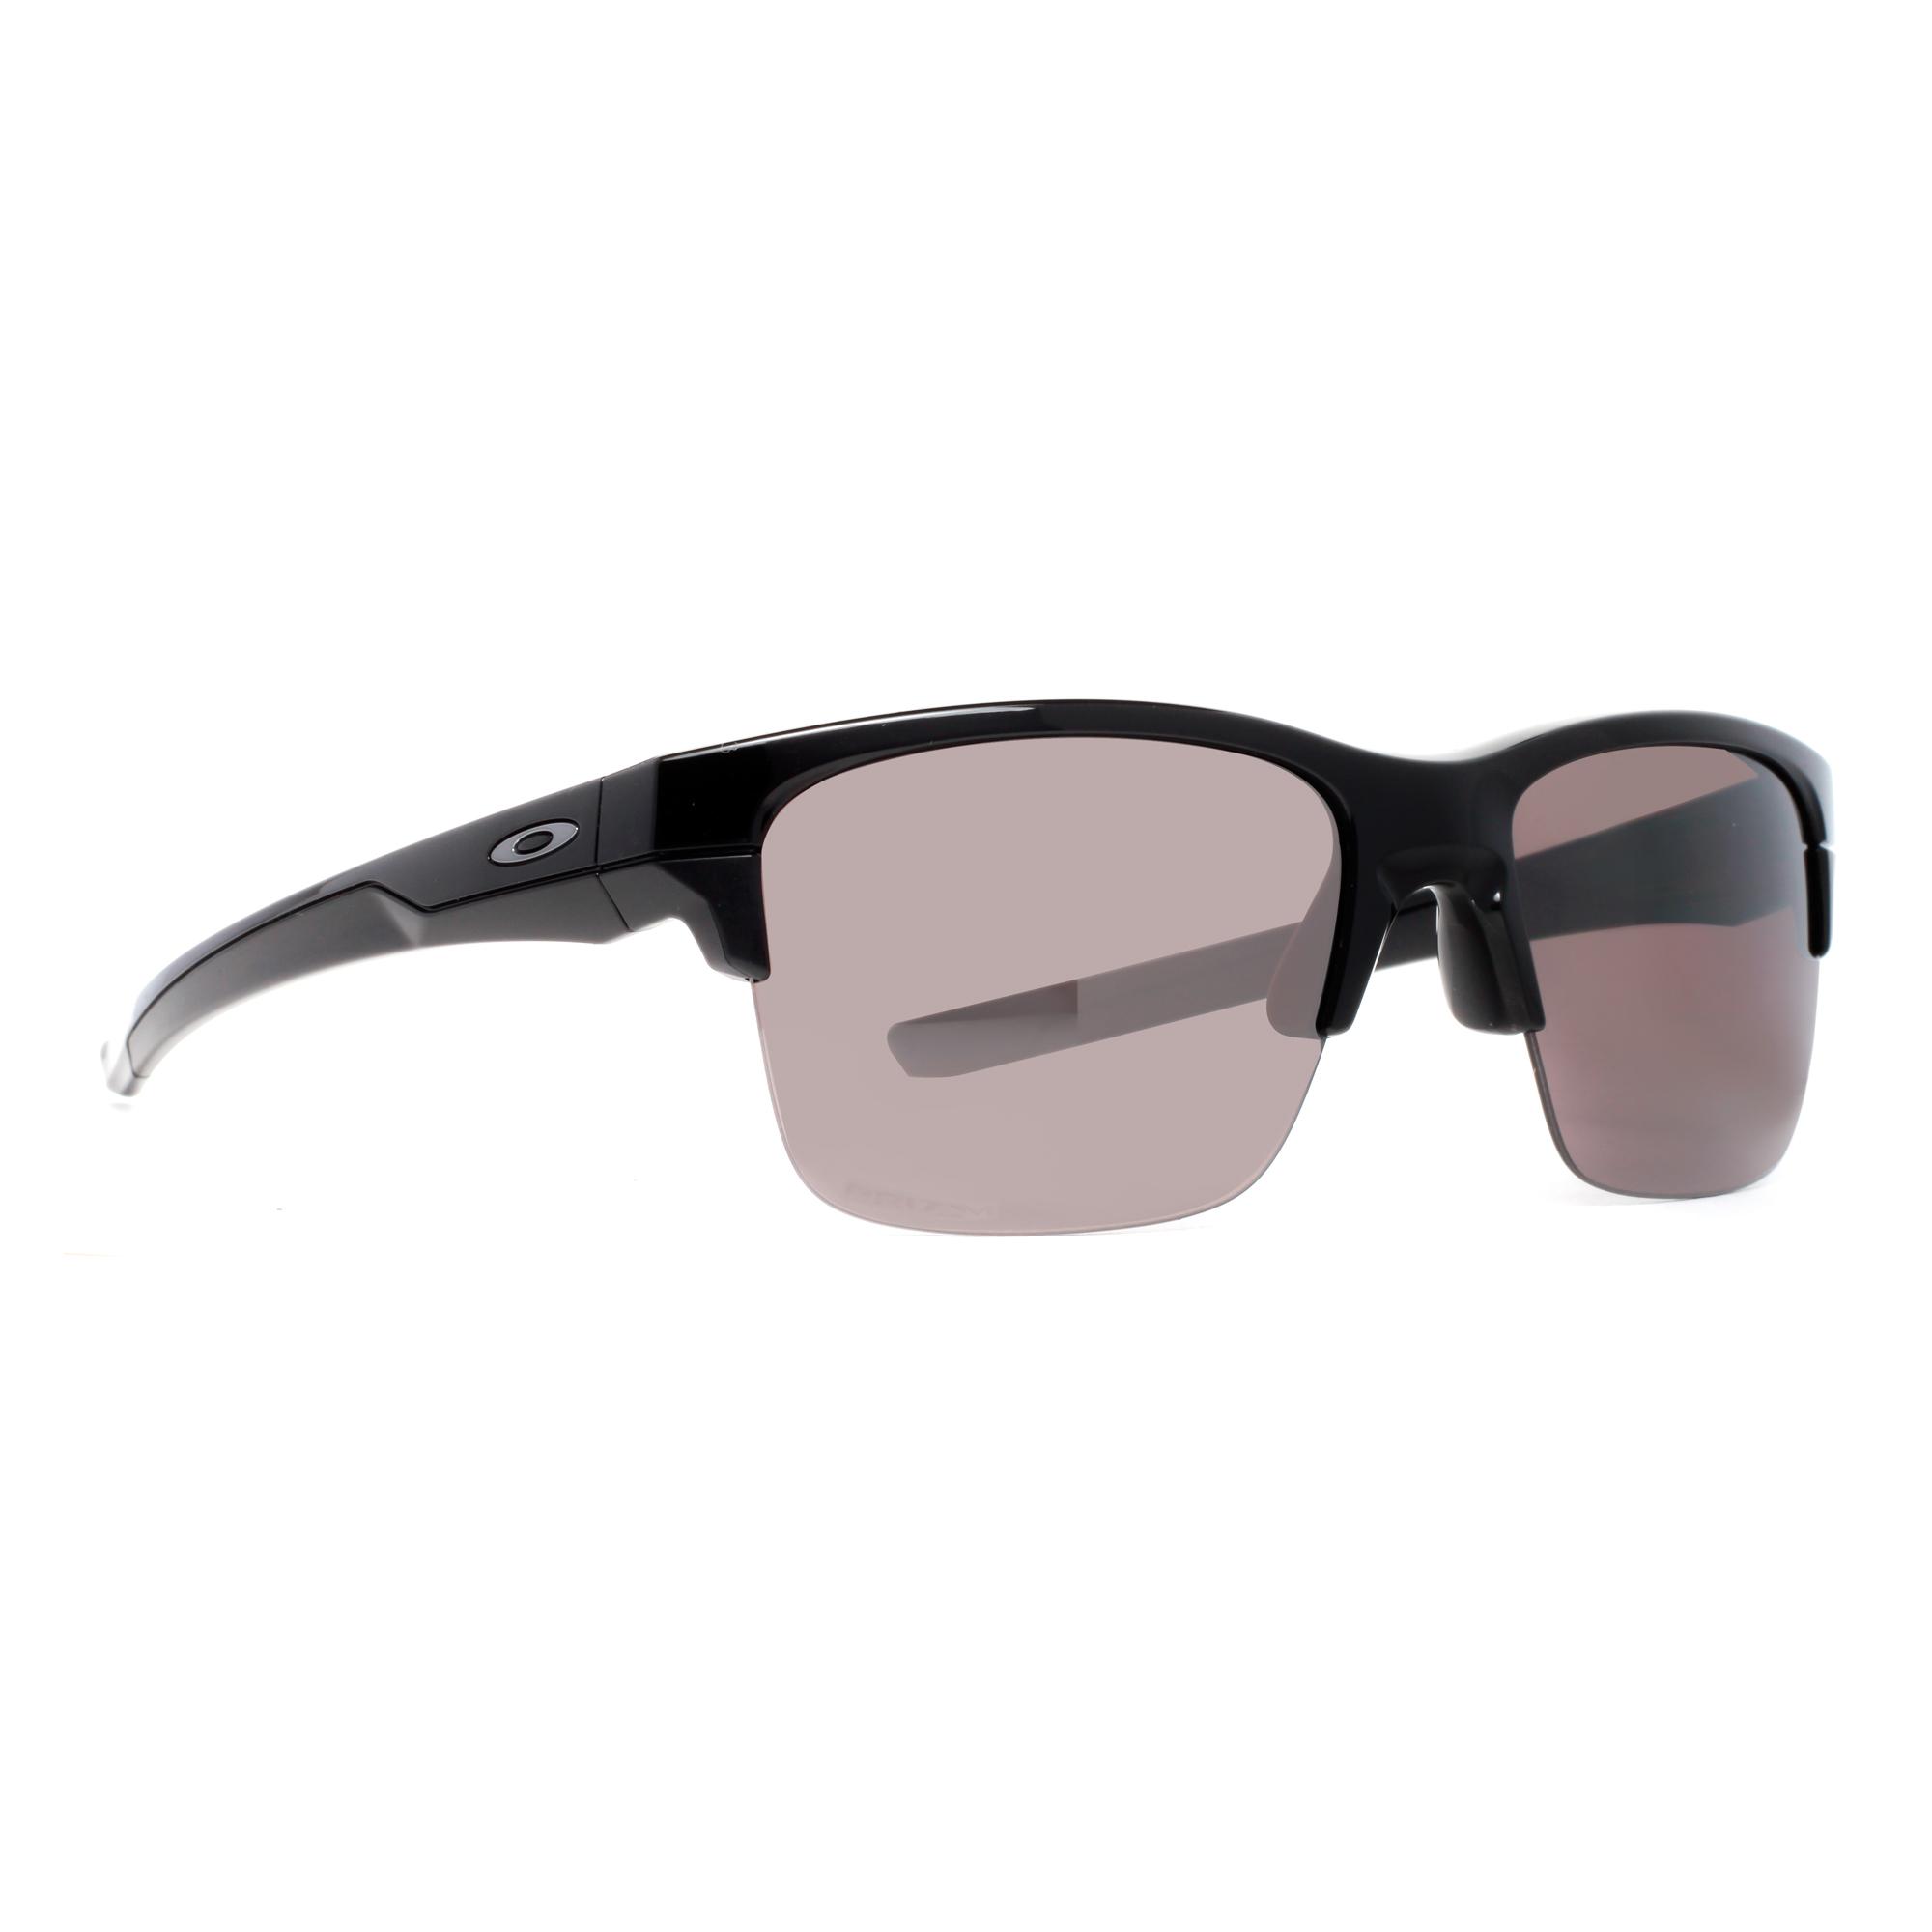 2df6ca08e4 Oakley Thinlink Sunglasses